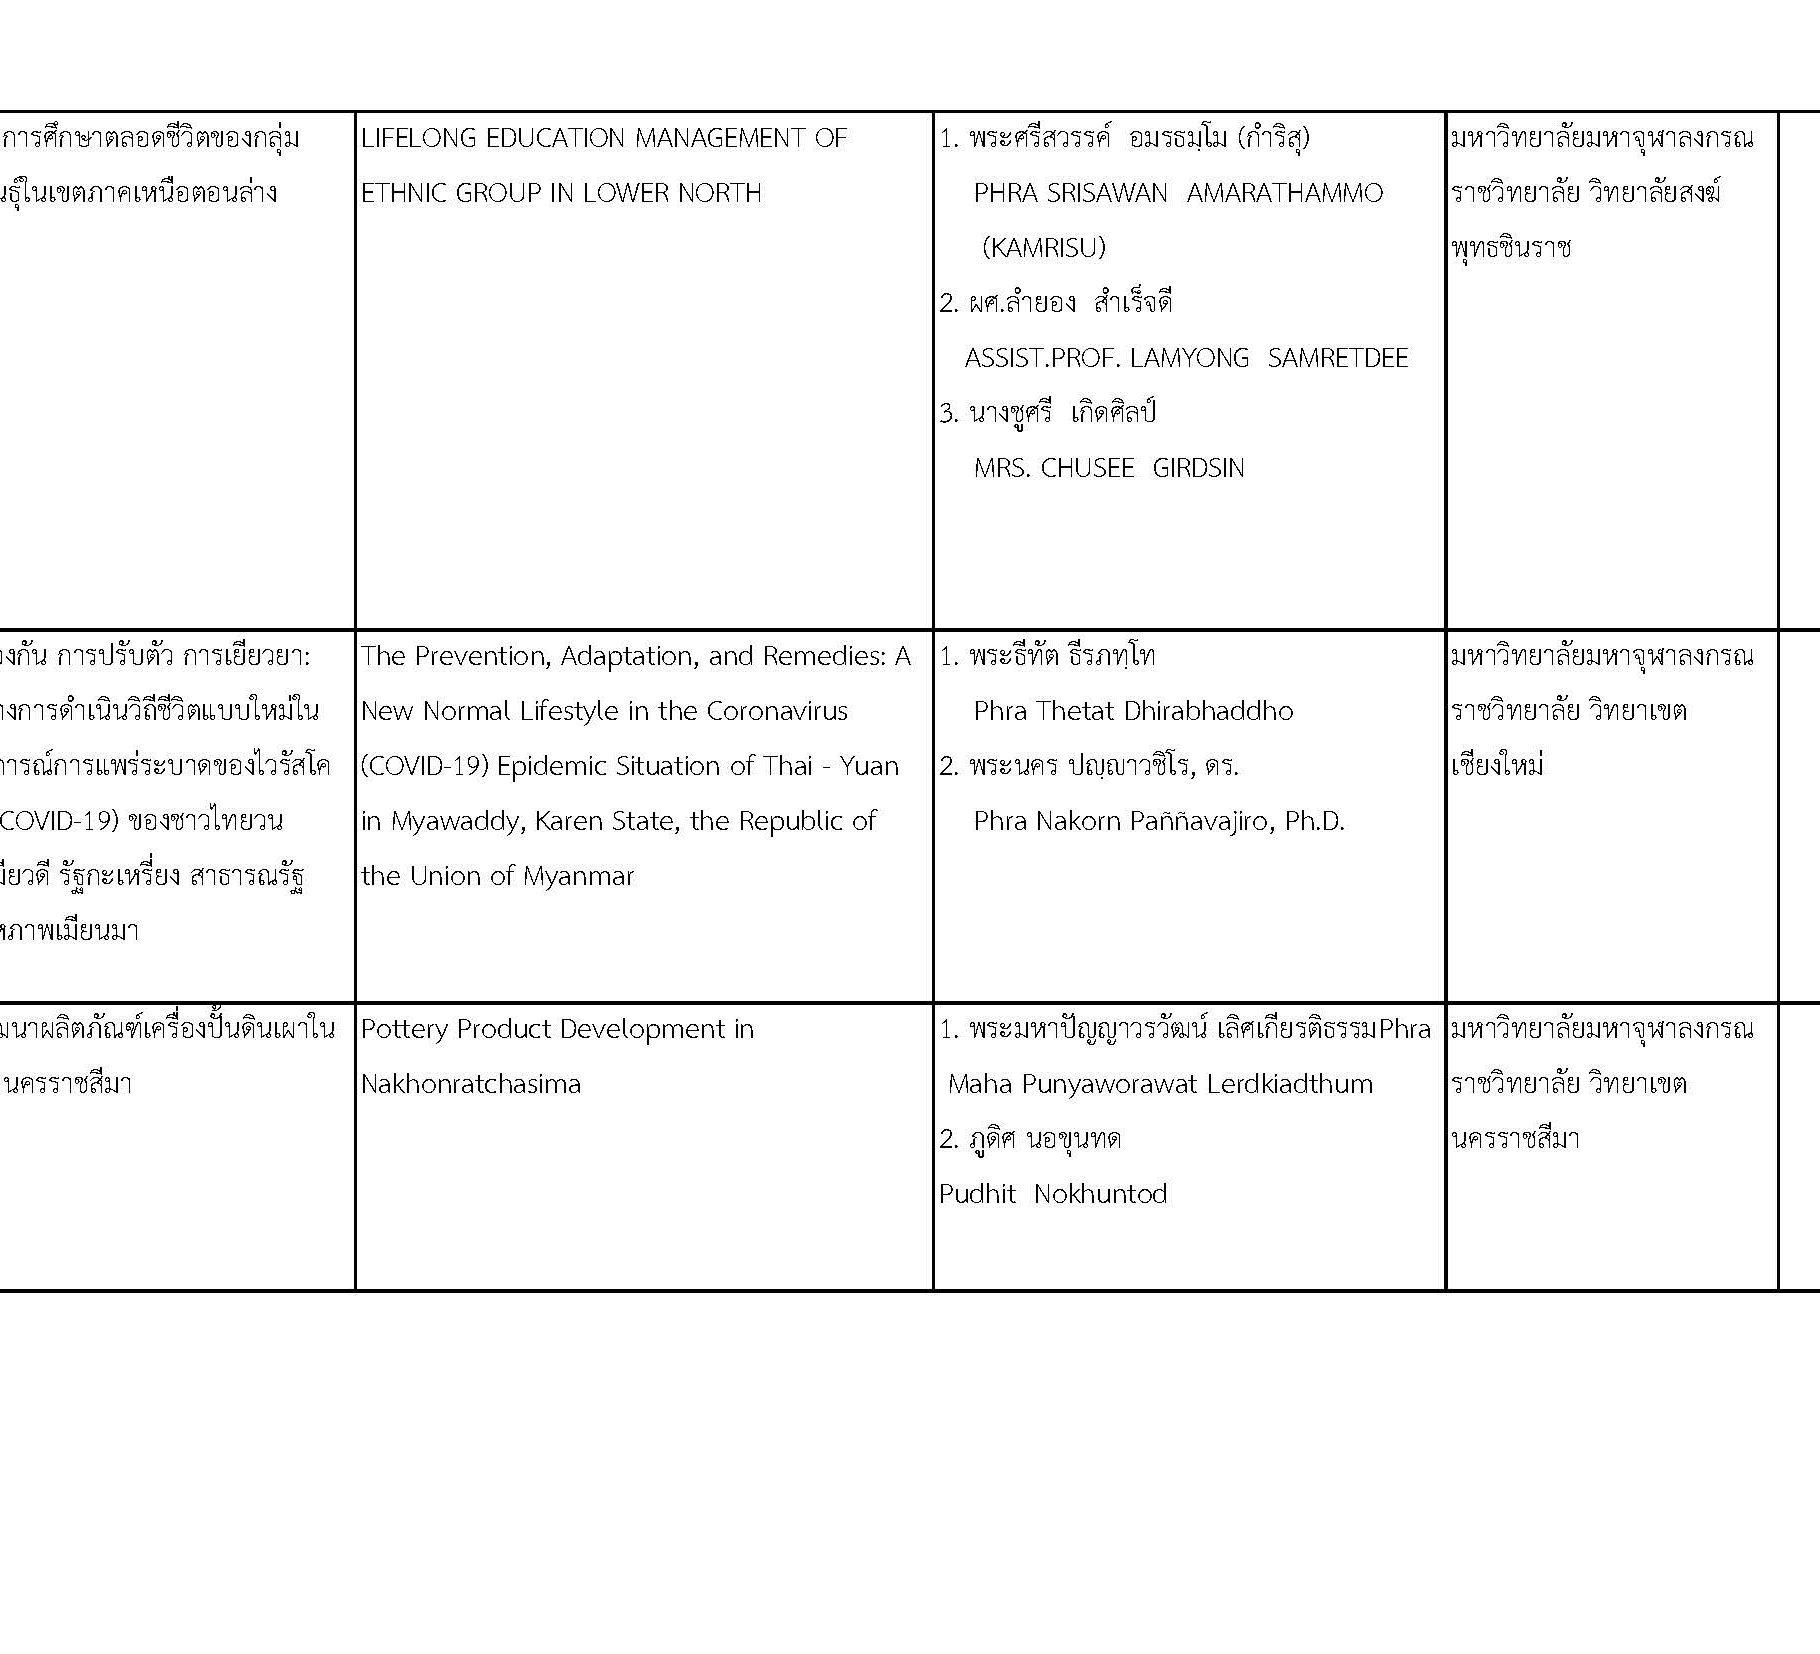 การประชุมวิชาการพระพุทธศาสนาและศิลปวัฒนธรรมระดับชาติและนานาชาติครั้งที่ ๒_Page_07